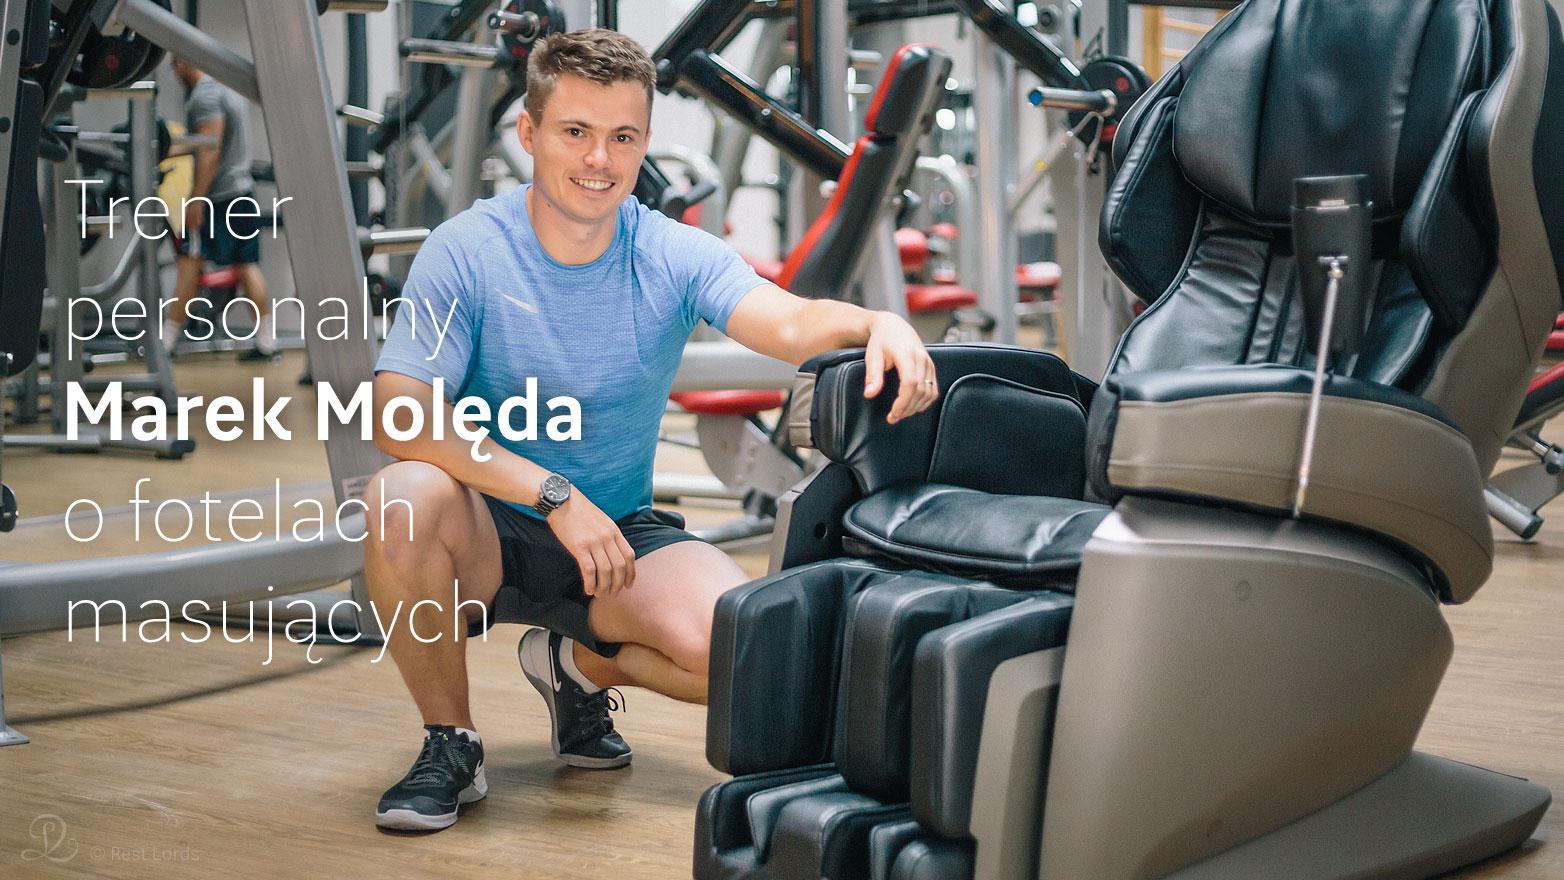 Fotel masujący na siłowni